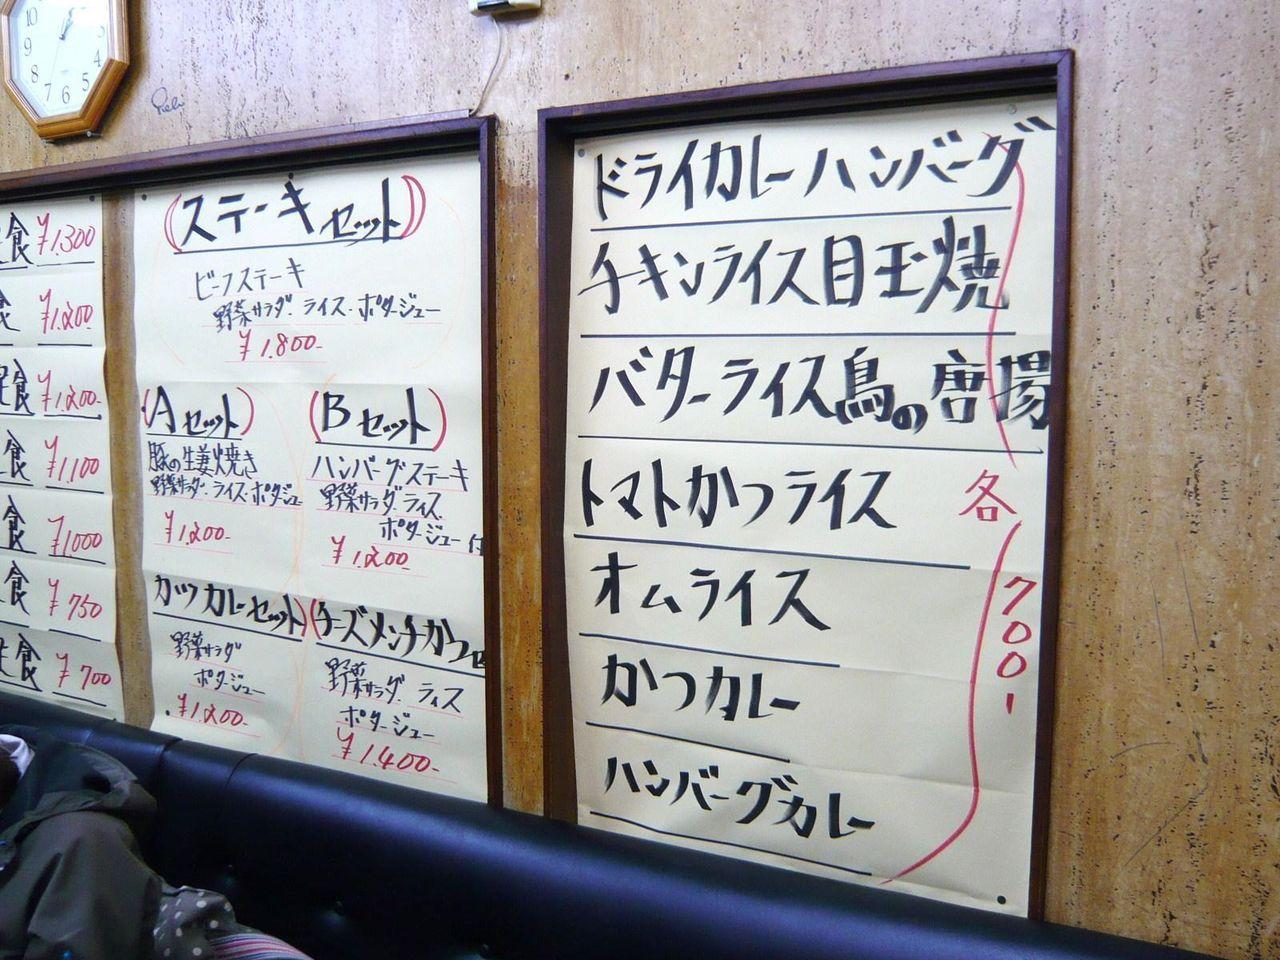 レストランばーくのメニュー(24年3月現在)